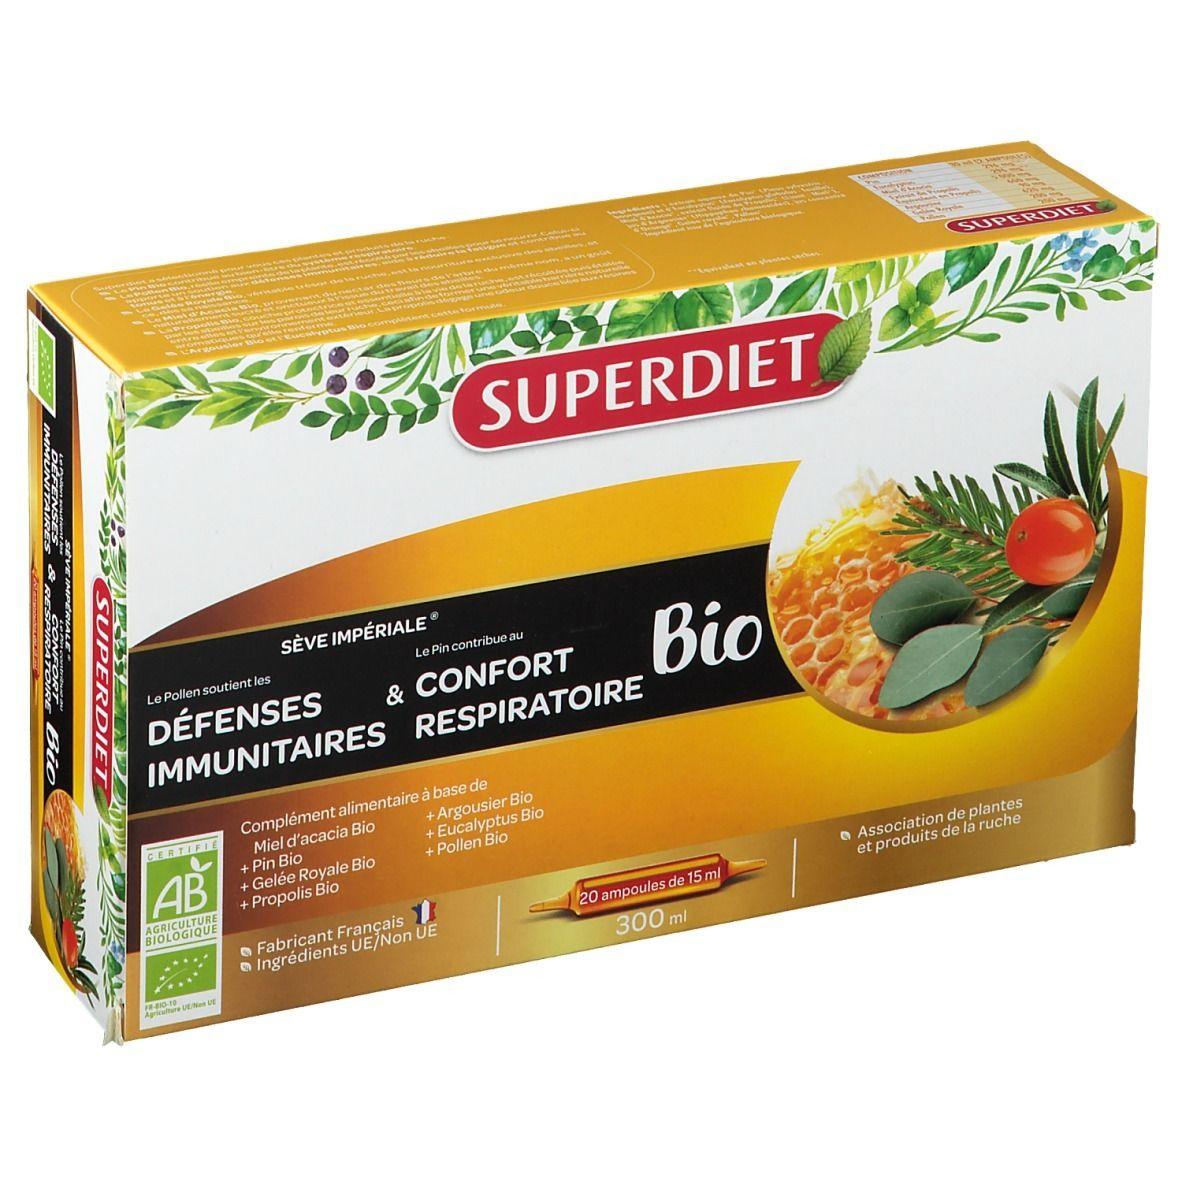 SUPERDIET Sève Impériale Bio Ampoule ml ampoule(s)